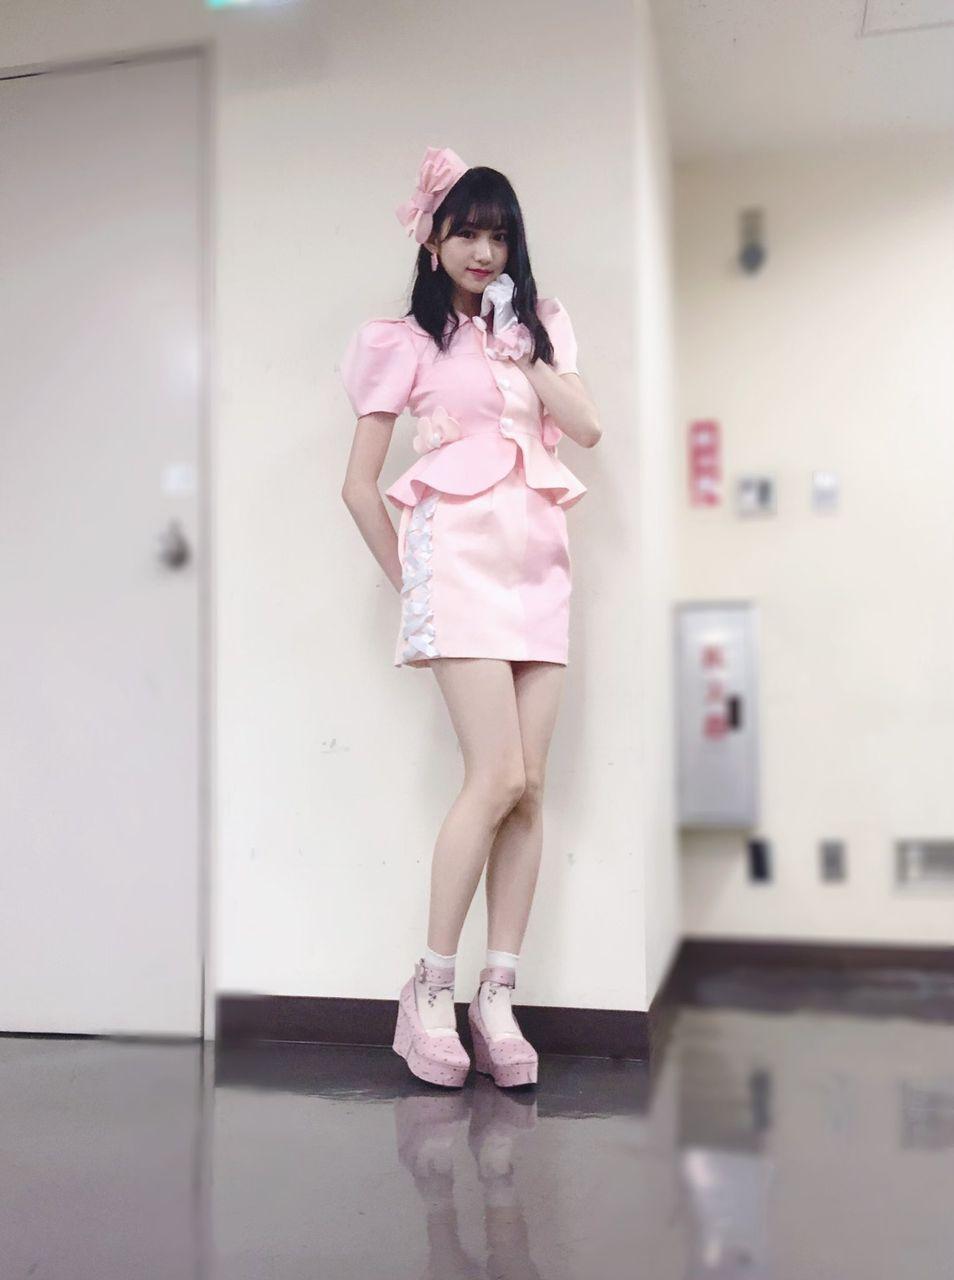 【#NAMBA祭り】横野すみれ、みるきーオリジナル衣裳で「やさしくするよりキスをして」披露!